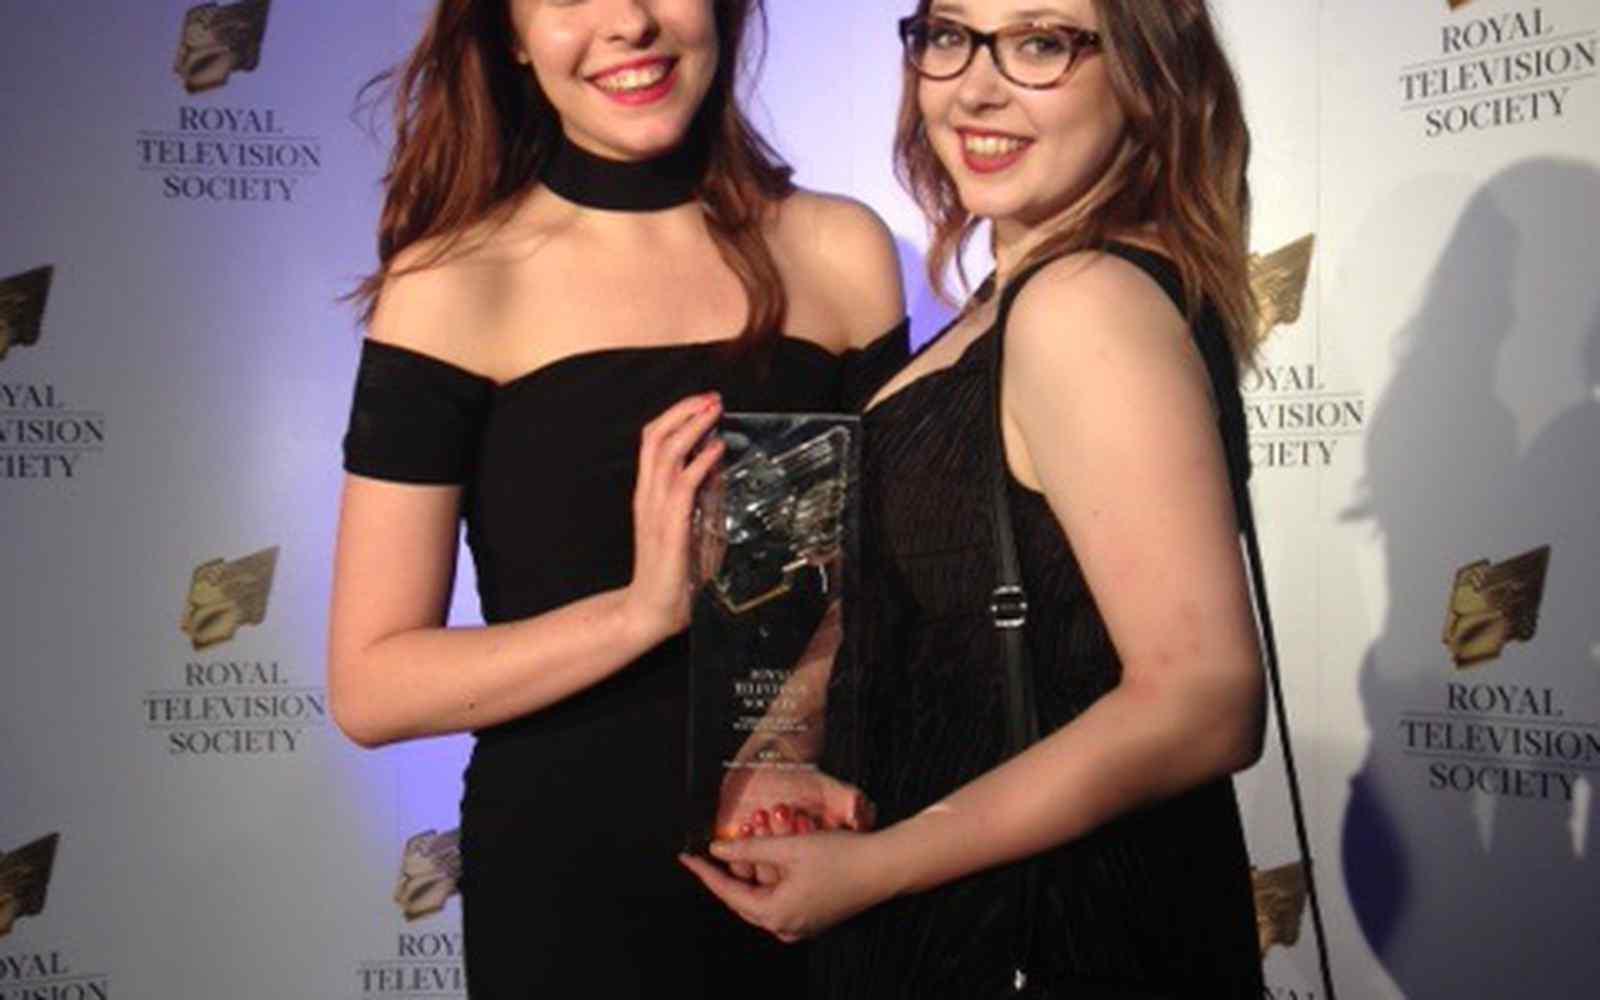 RTS Award winners for Eden film